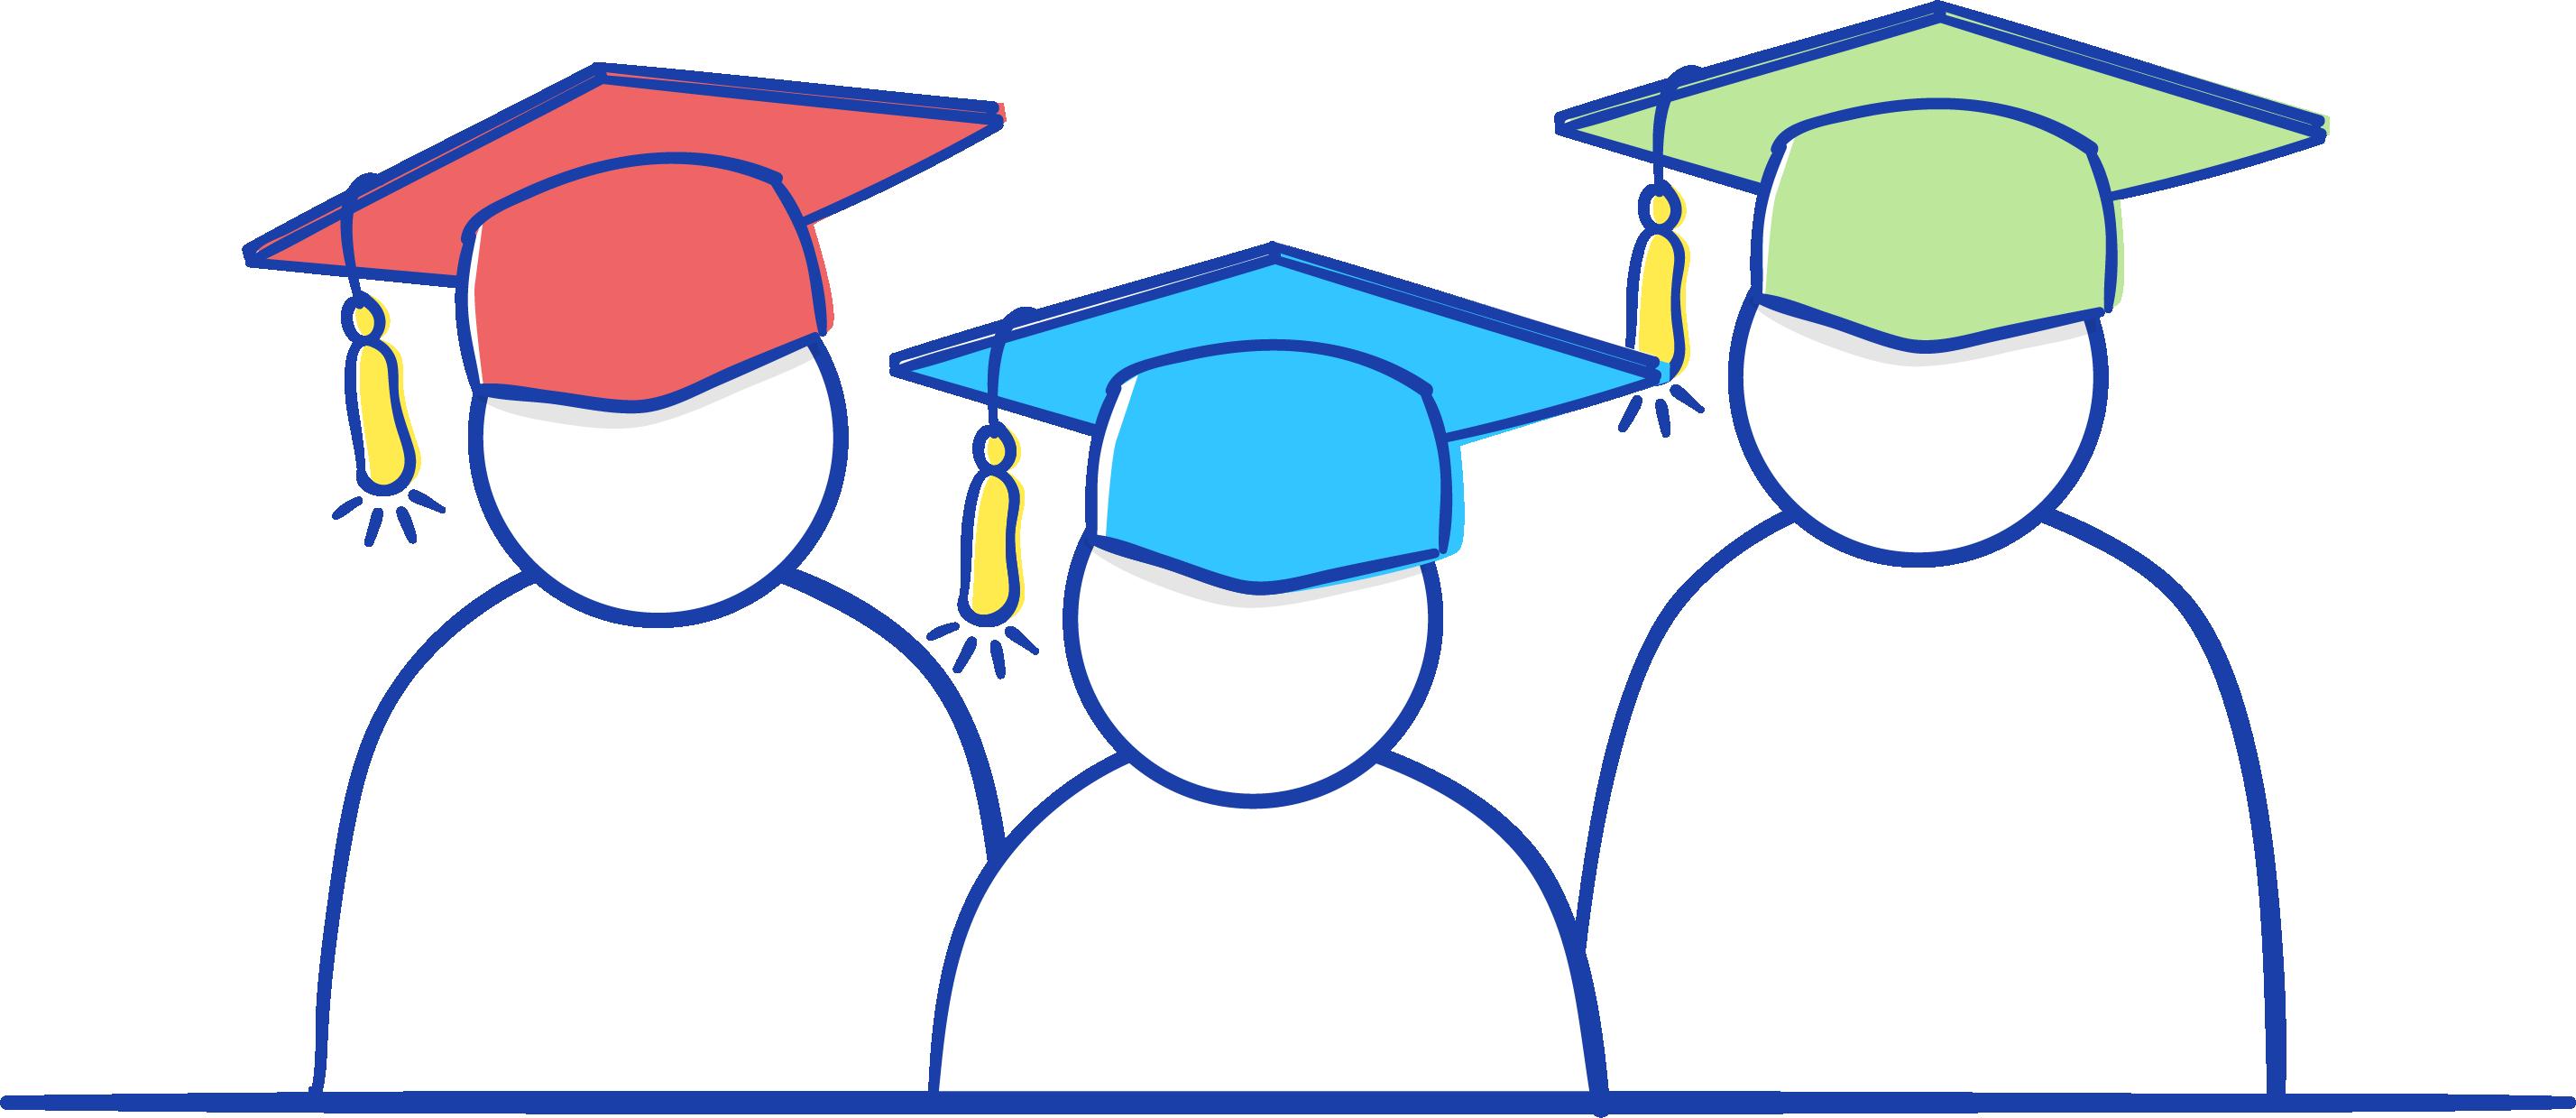 Un public de l'enseignement supérieur large et diversifié